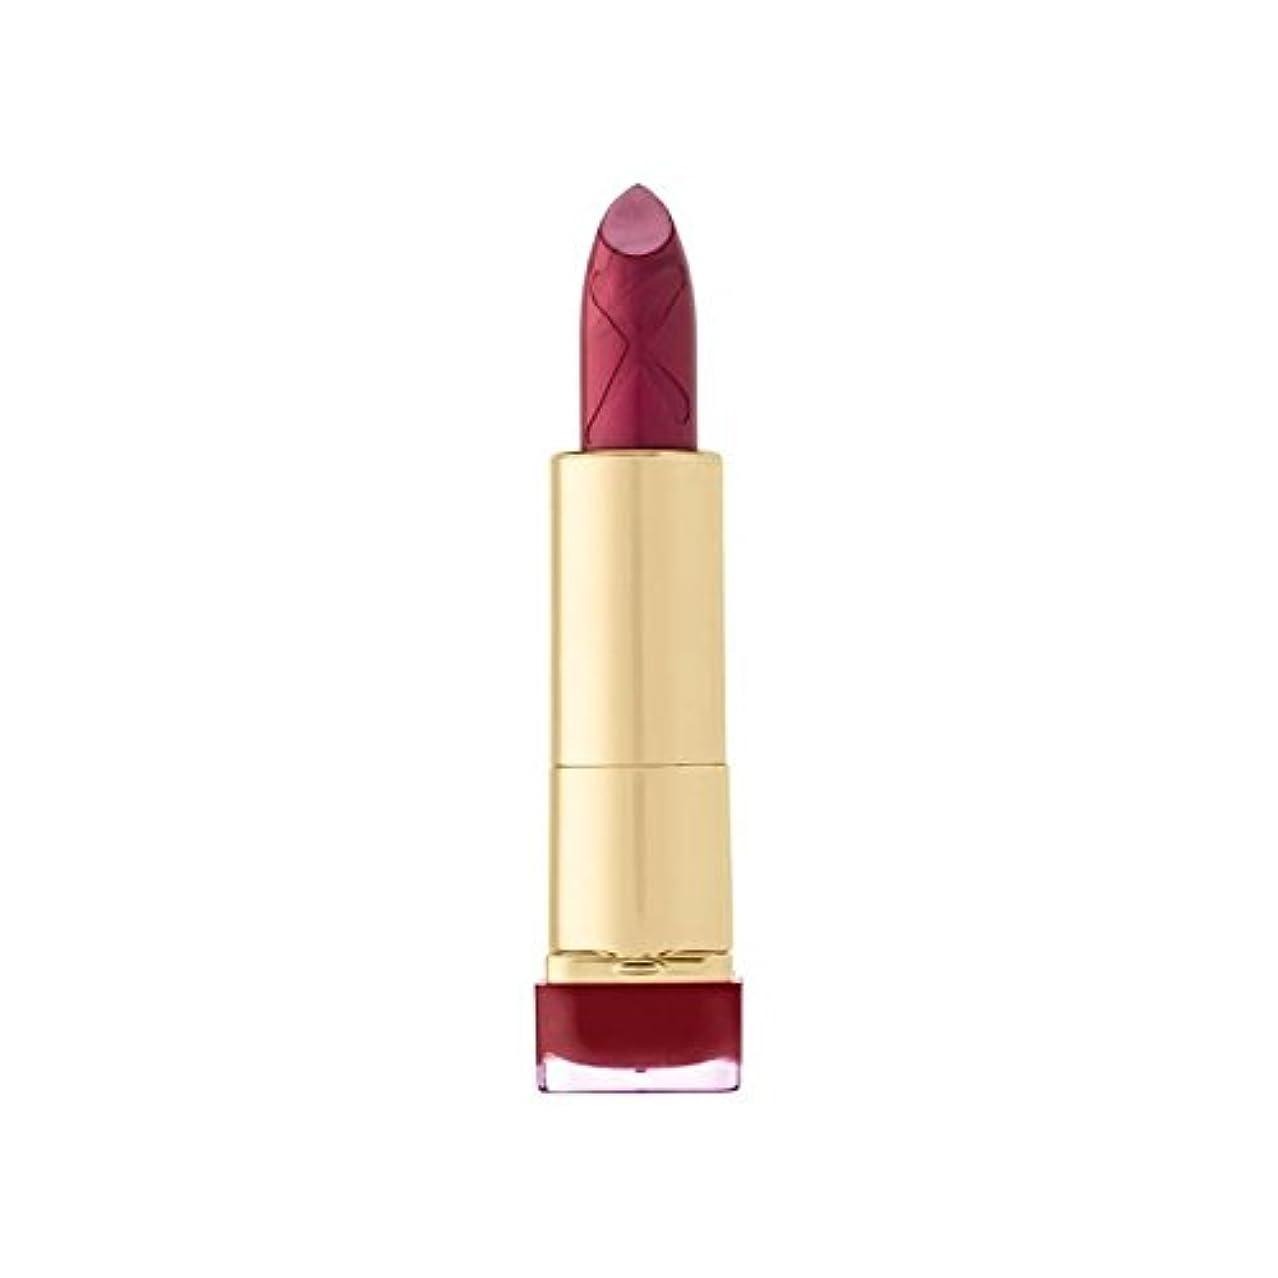 認証針スクリーチマックスファクターカラーエリクシルの口紅桑685 x2 - Max Factor Colour Elixir Lipstick Mulberry 685 (Pack of 2) [並行輸入品]